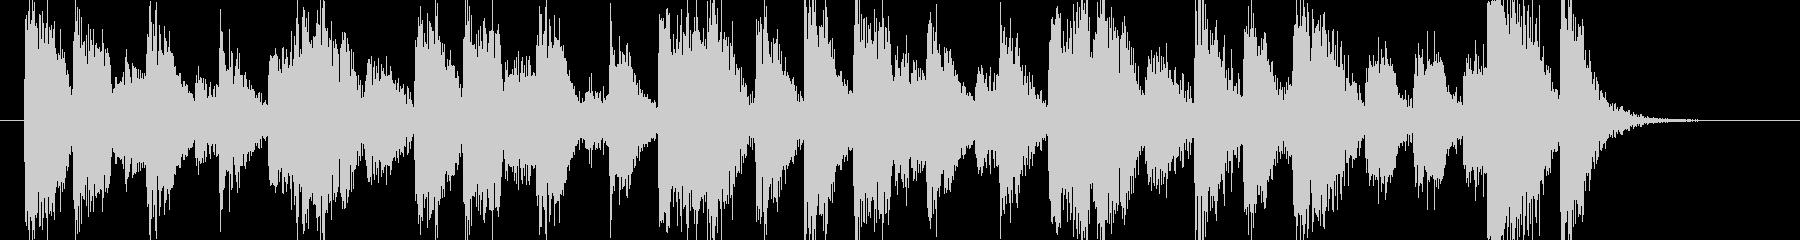 歯切れの良いピアノのジングル002の未再生の波形